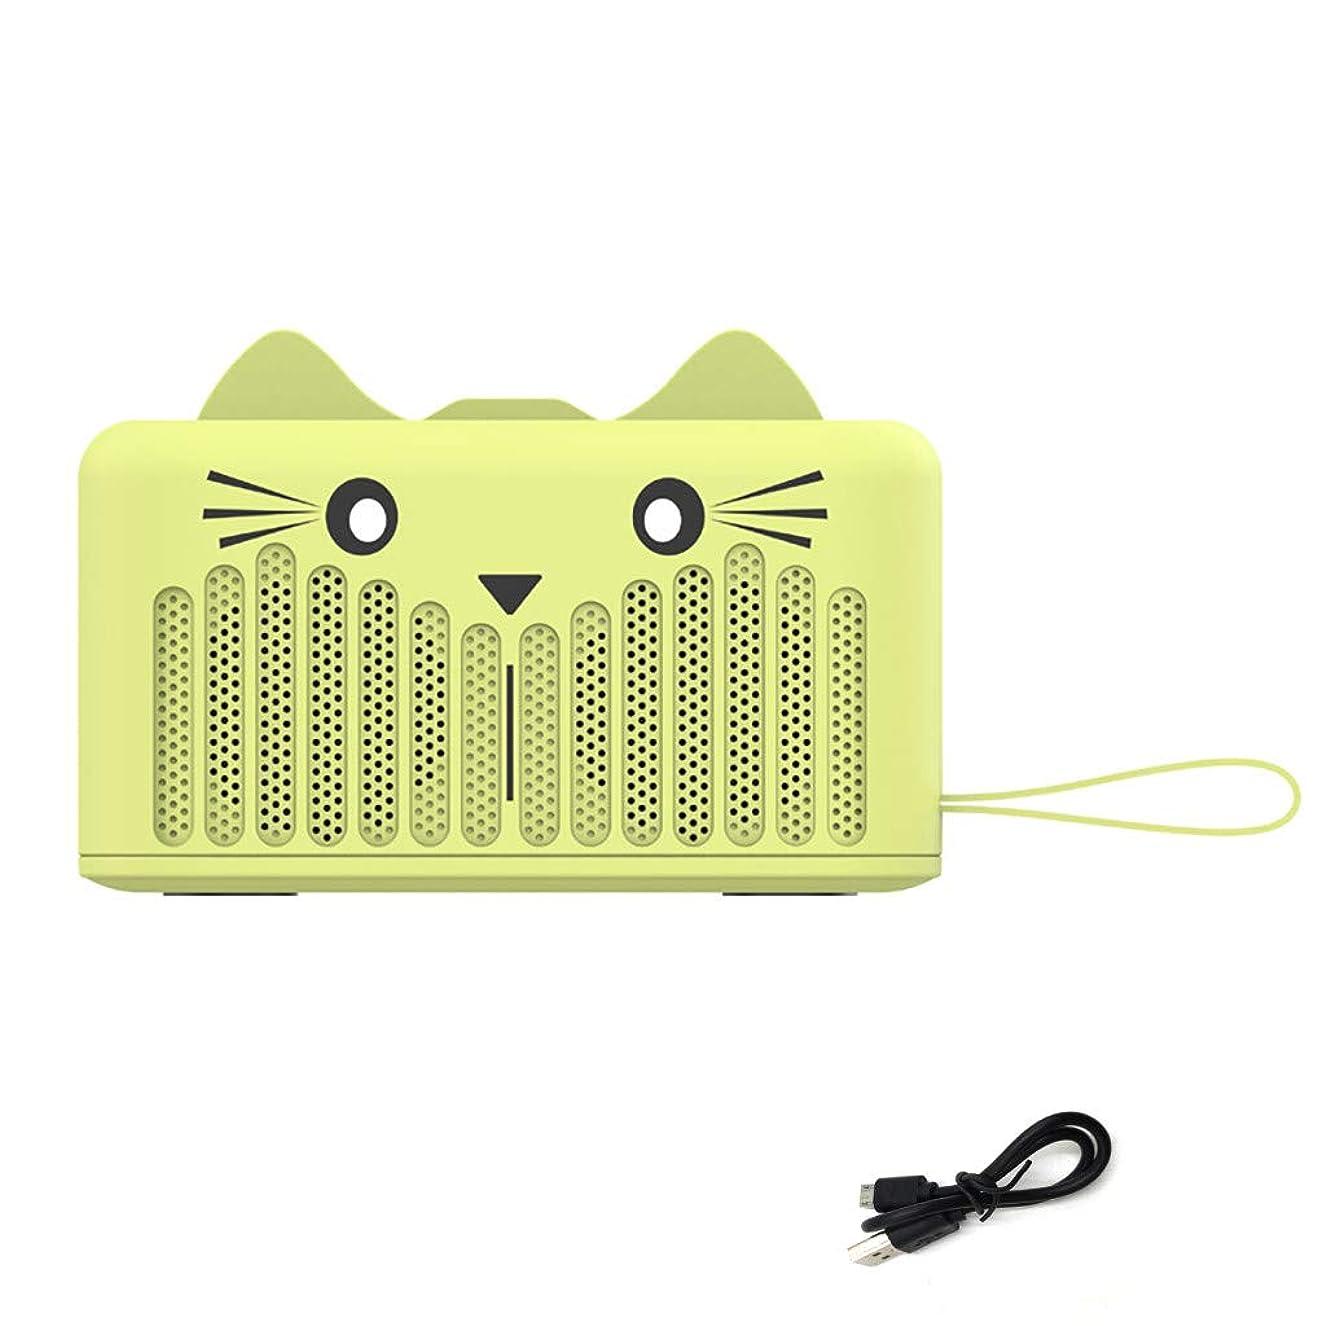 有毒な確率ミルクGuesthome Bluetoothスピーカー ミニ ワイヤレス ポータブル かわいい猫 高性能【超小型/コンパクト/HD高音質/重低音モデル/車載、旅行、風呂用/长時間連続再生/SDカード & FMラジオ対応/PC、スマートフォン用】SG-05B